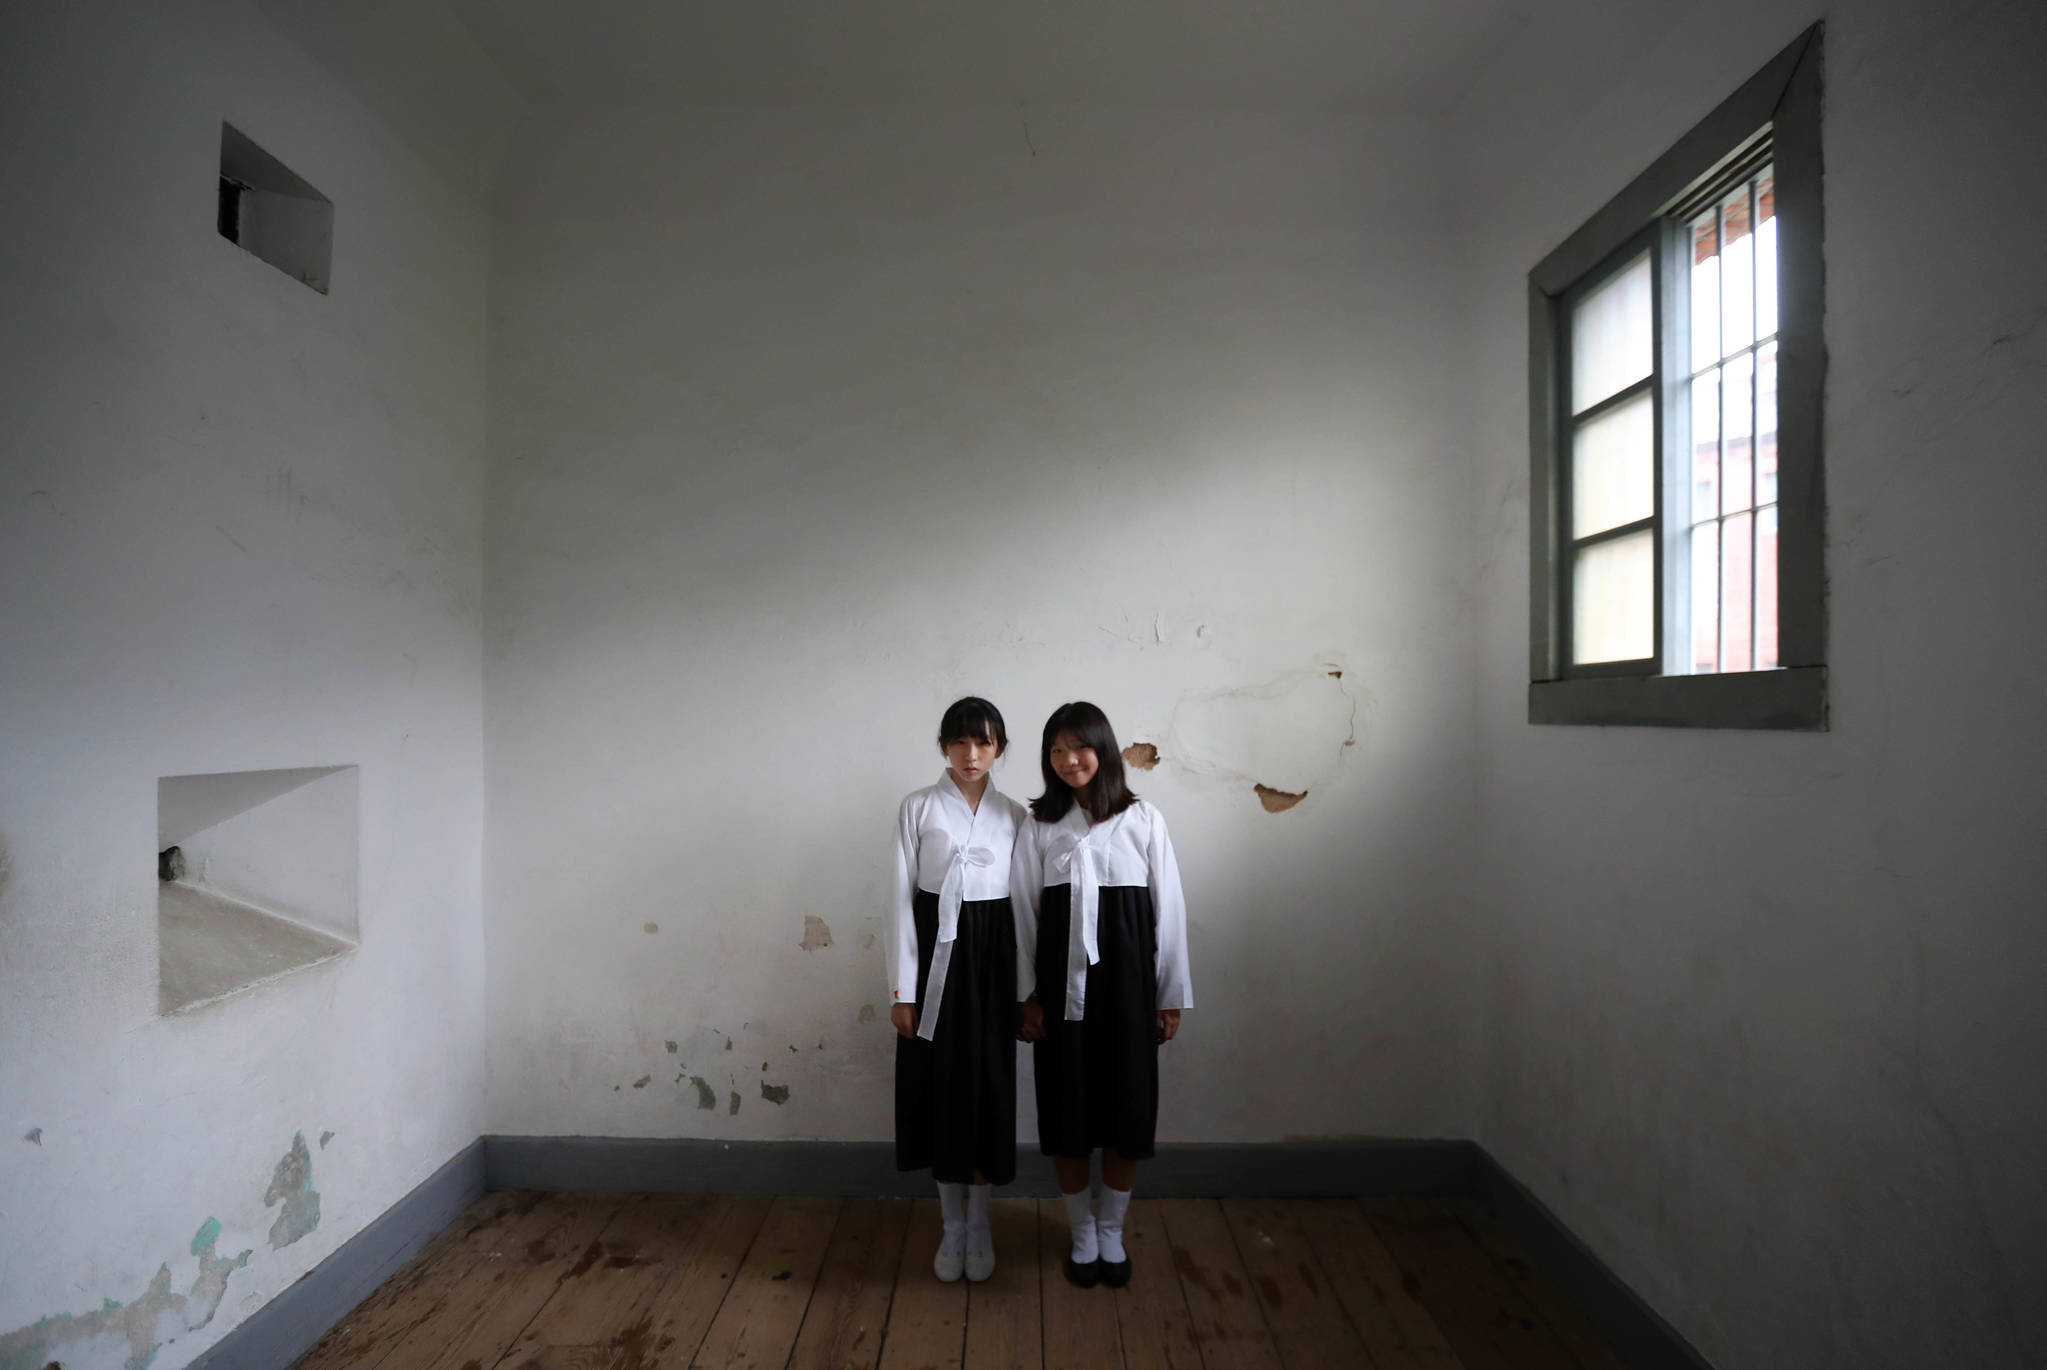 창동중 1년생인 홍소민(14, 왼쪽) 최민경(14)양이 한복 차림으로 서대문형무소를 찾았다. 신인섭 기자